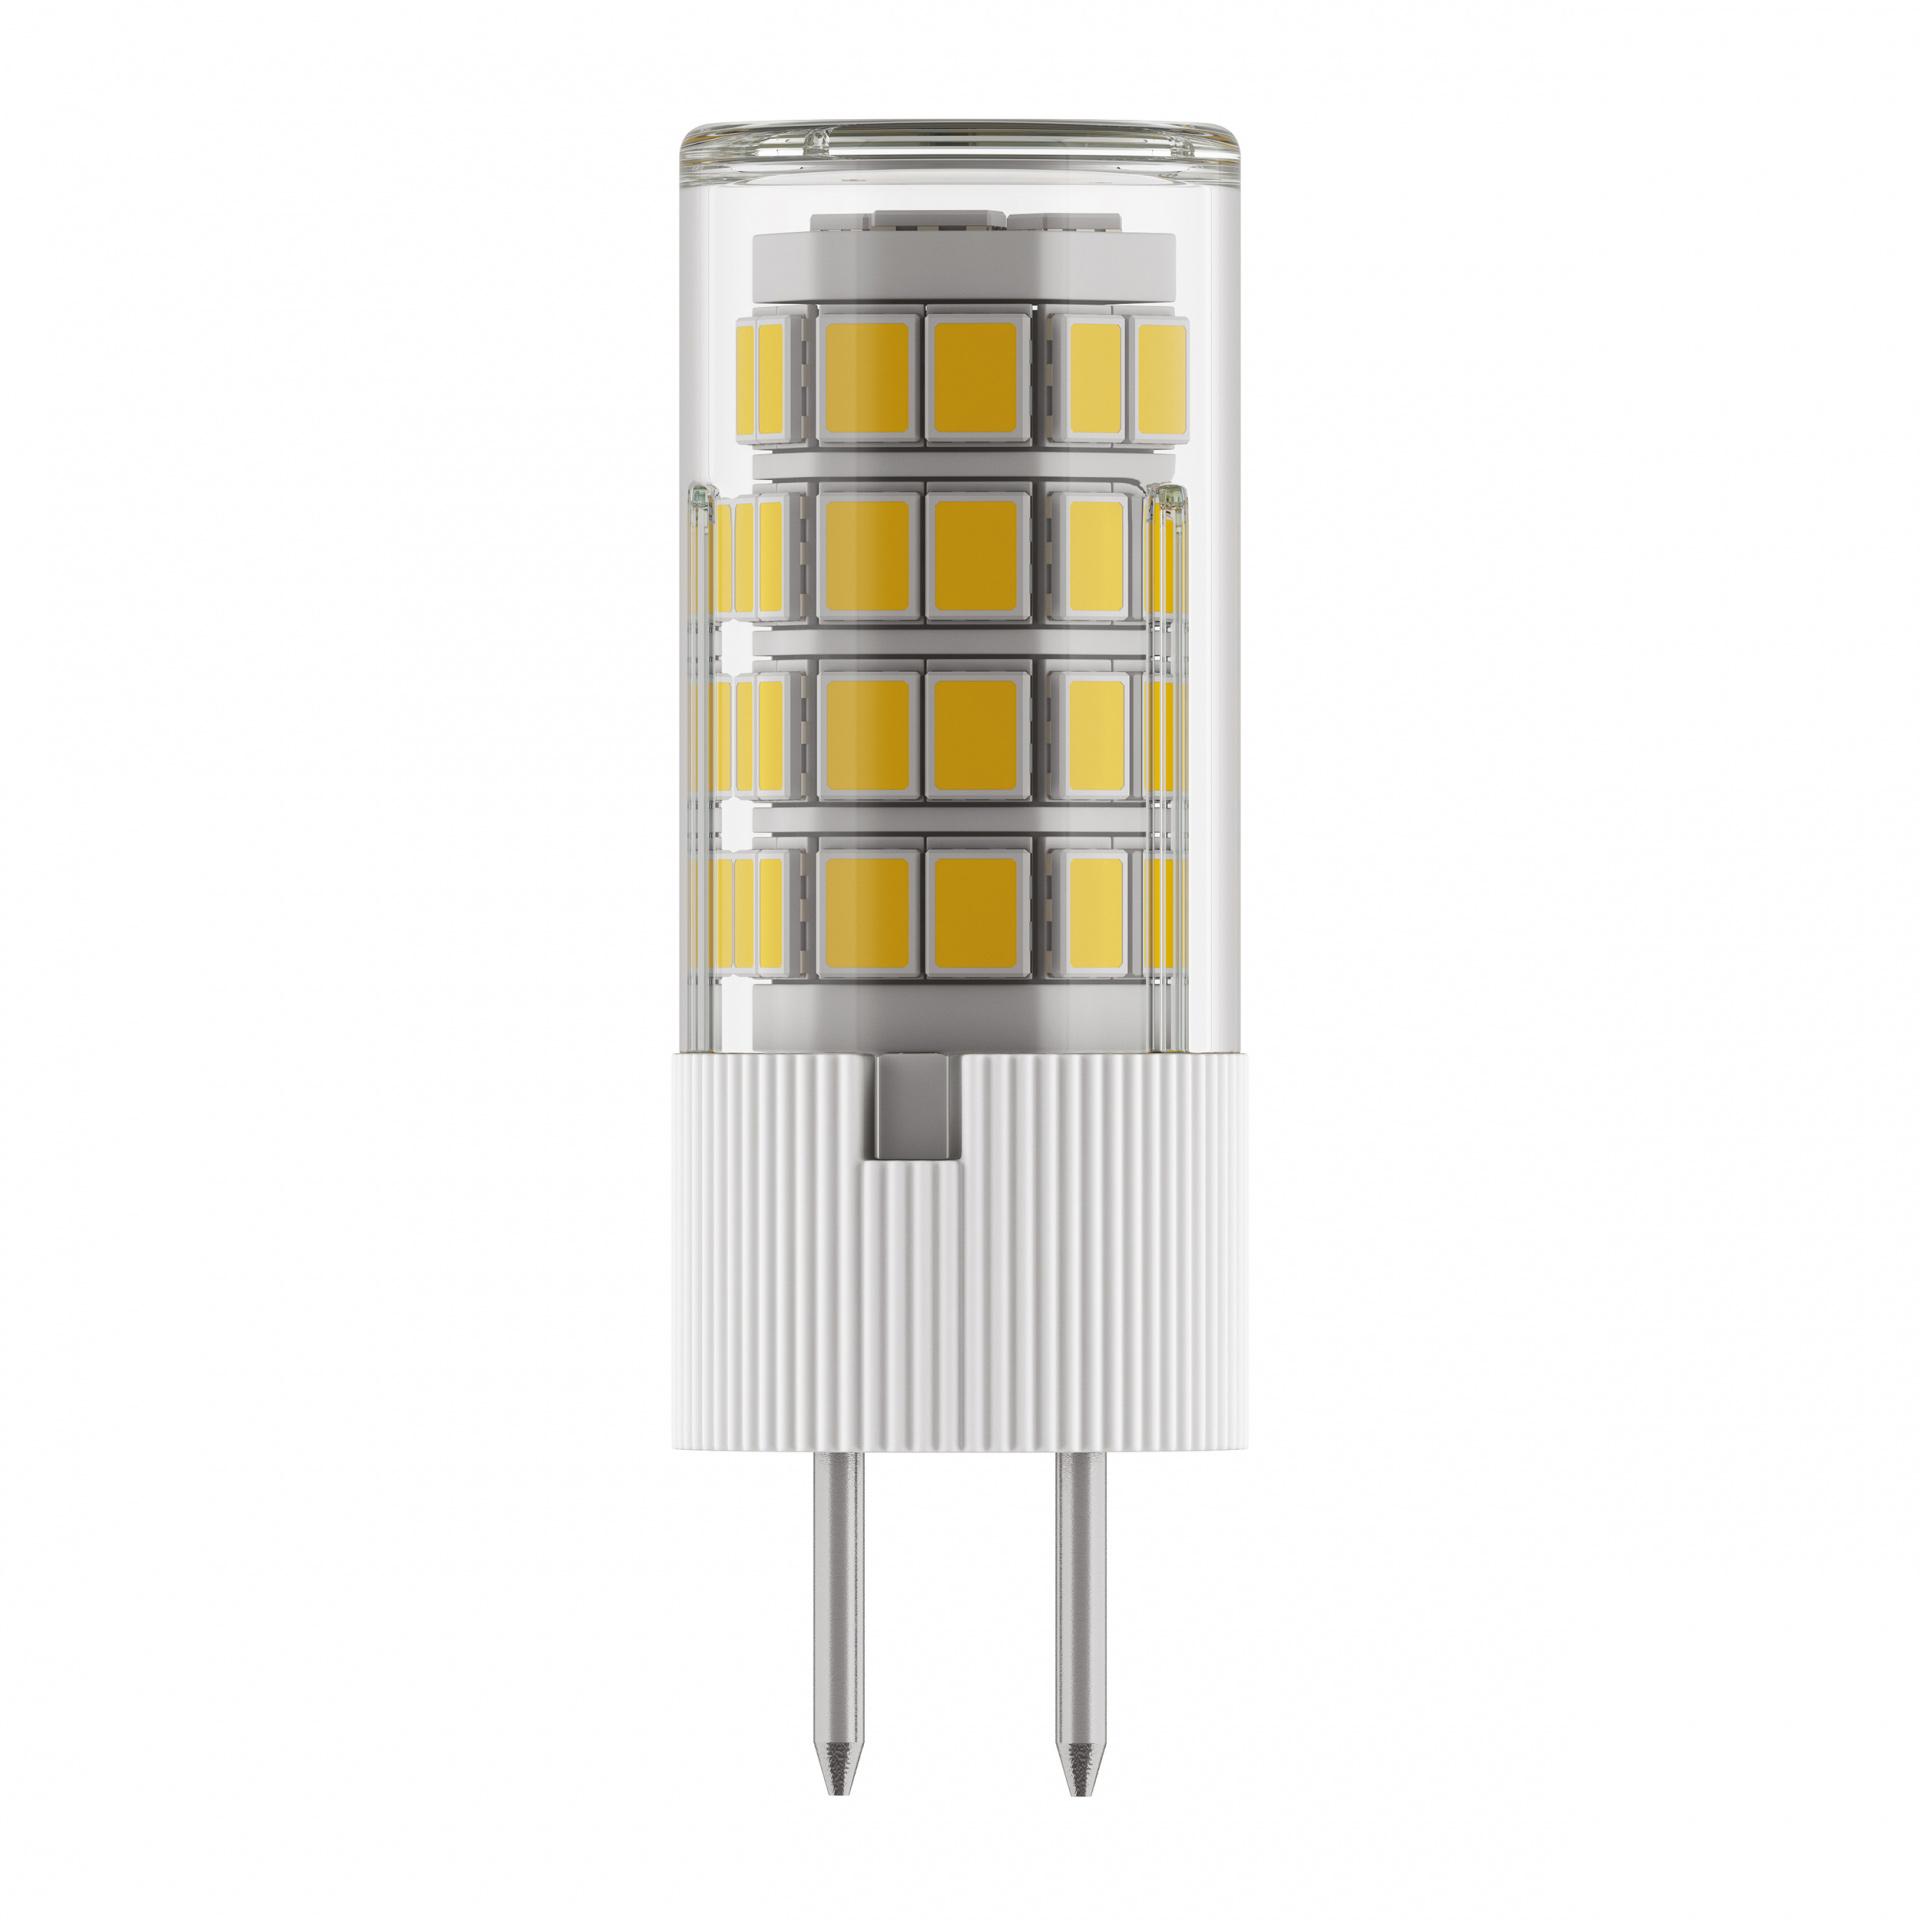 Лампа LED 220V Т20 G4 6W=60W 492LM 360G CL 3000K 20000H Lightstar 940412, купить в СПб, Москве, с доставкой, Санкт-Петербург, интернет-магазин люстр и светильников Starlight, фото в жизни